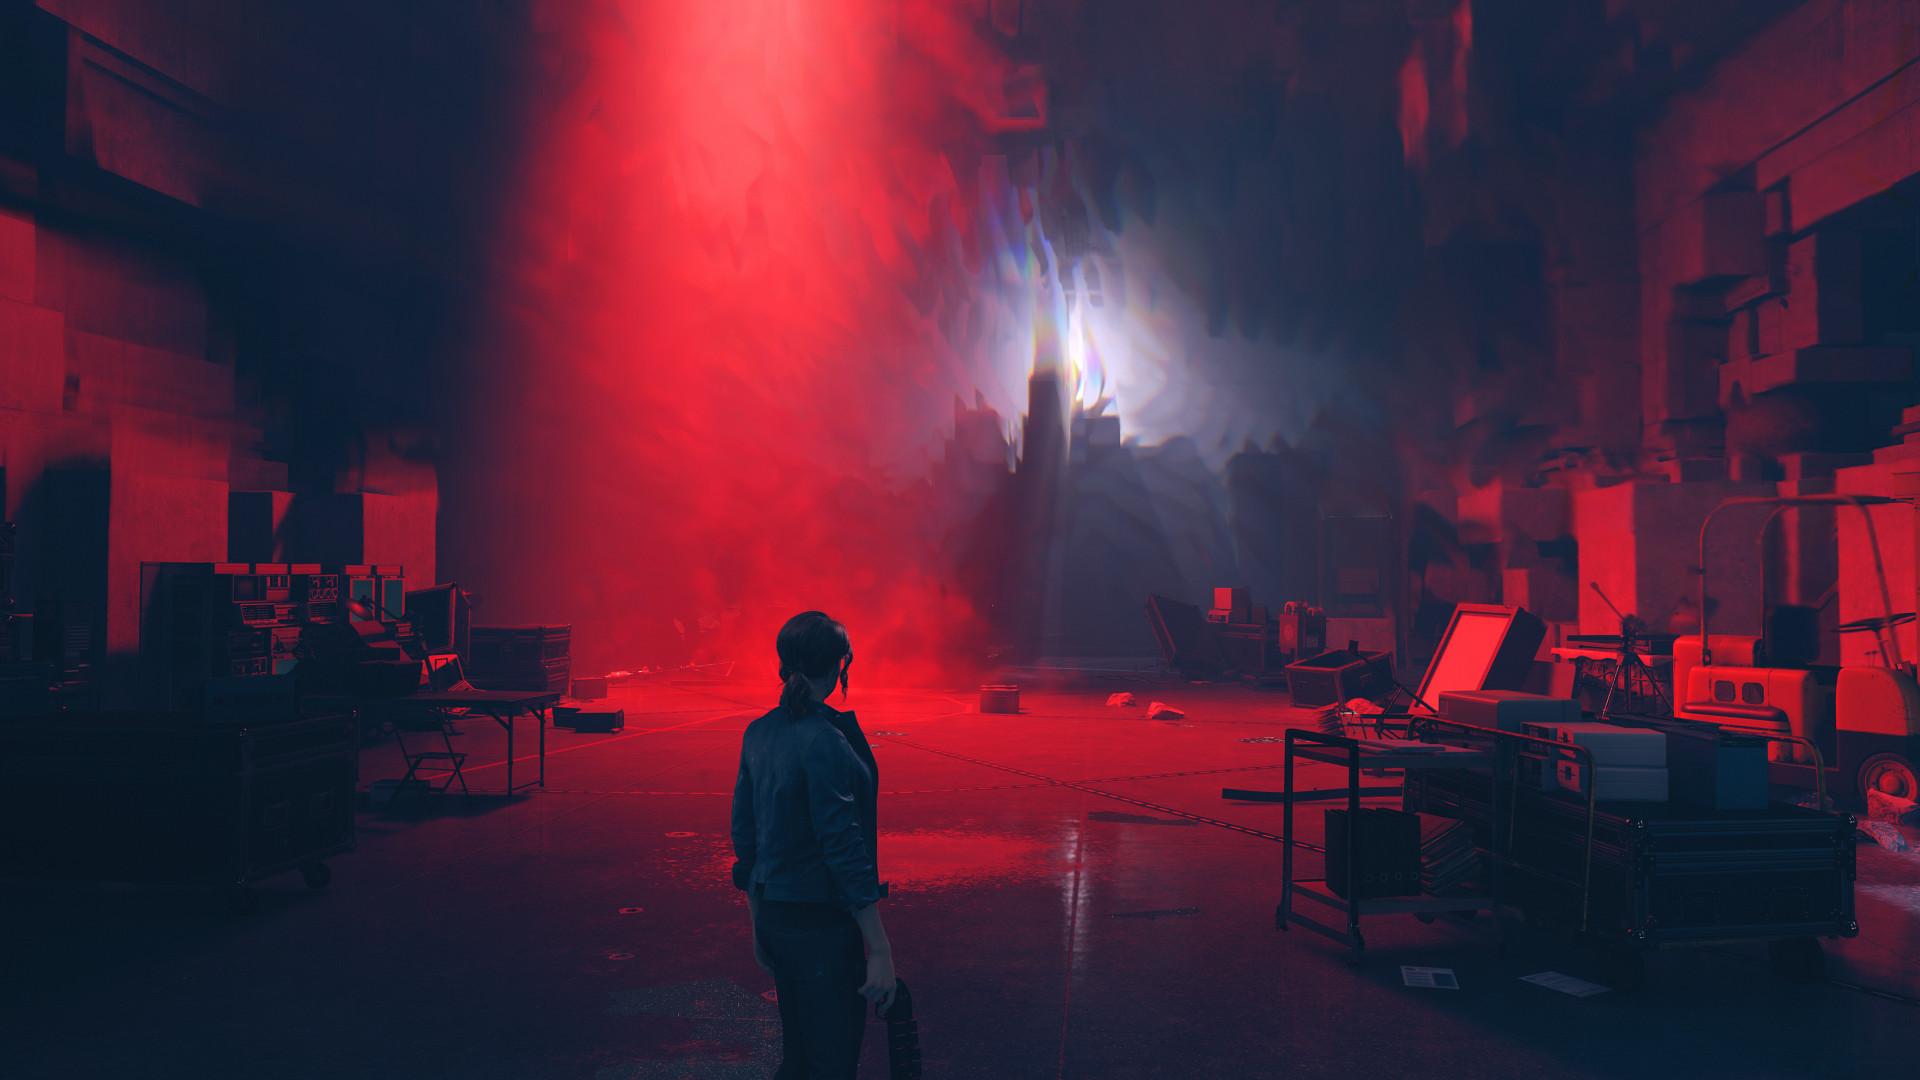 Появился 8 минутный геймплей Control от разработчиков Alan Wake и Quantum Break